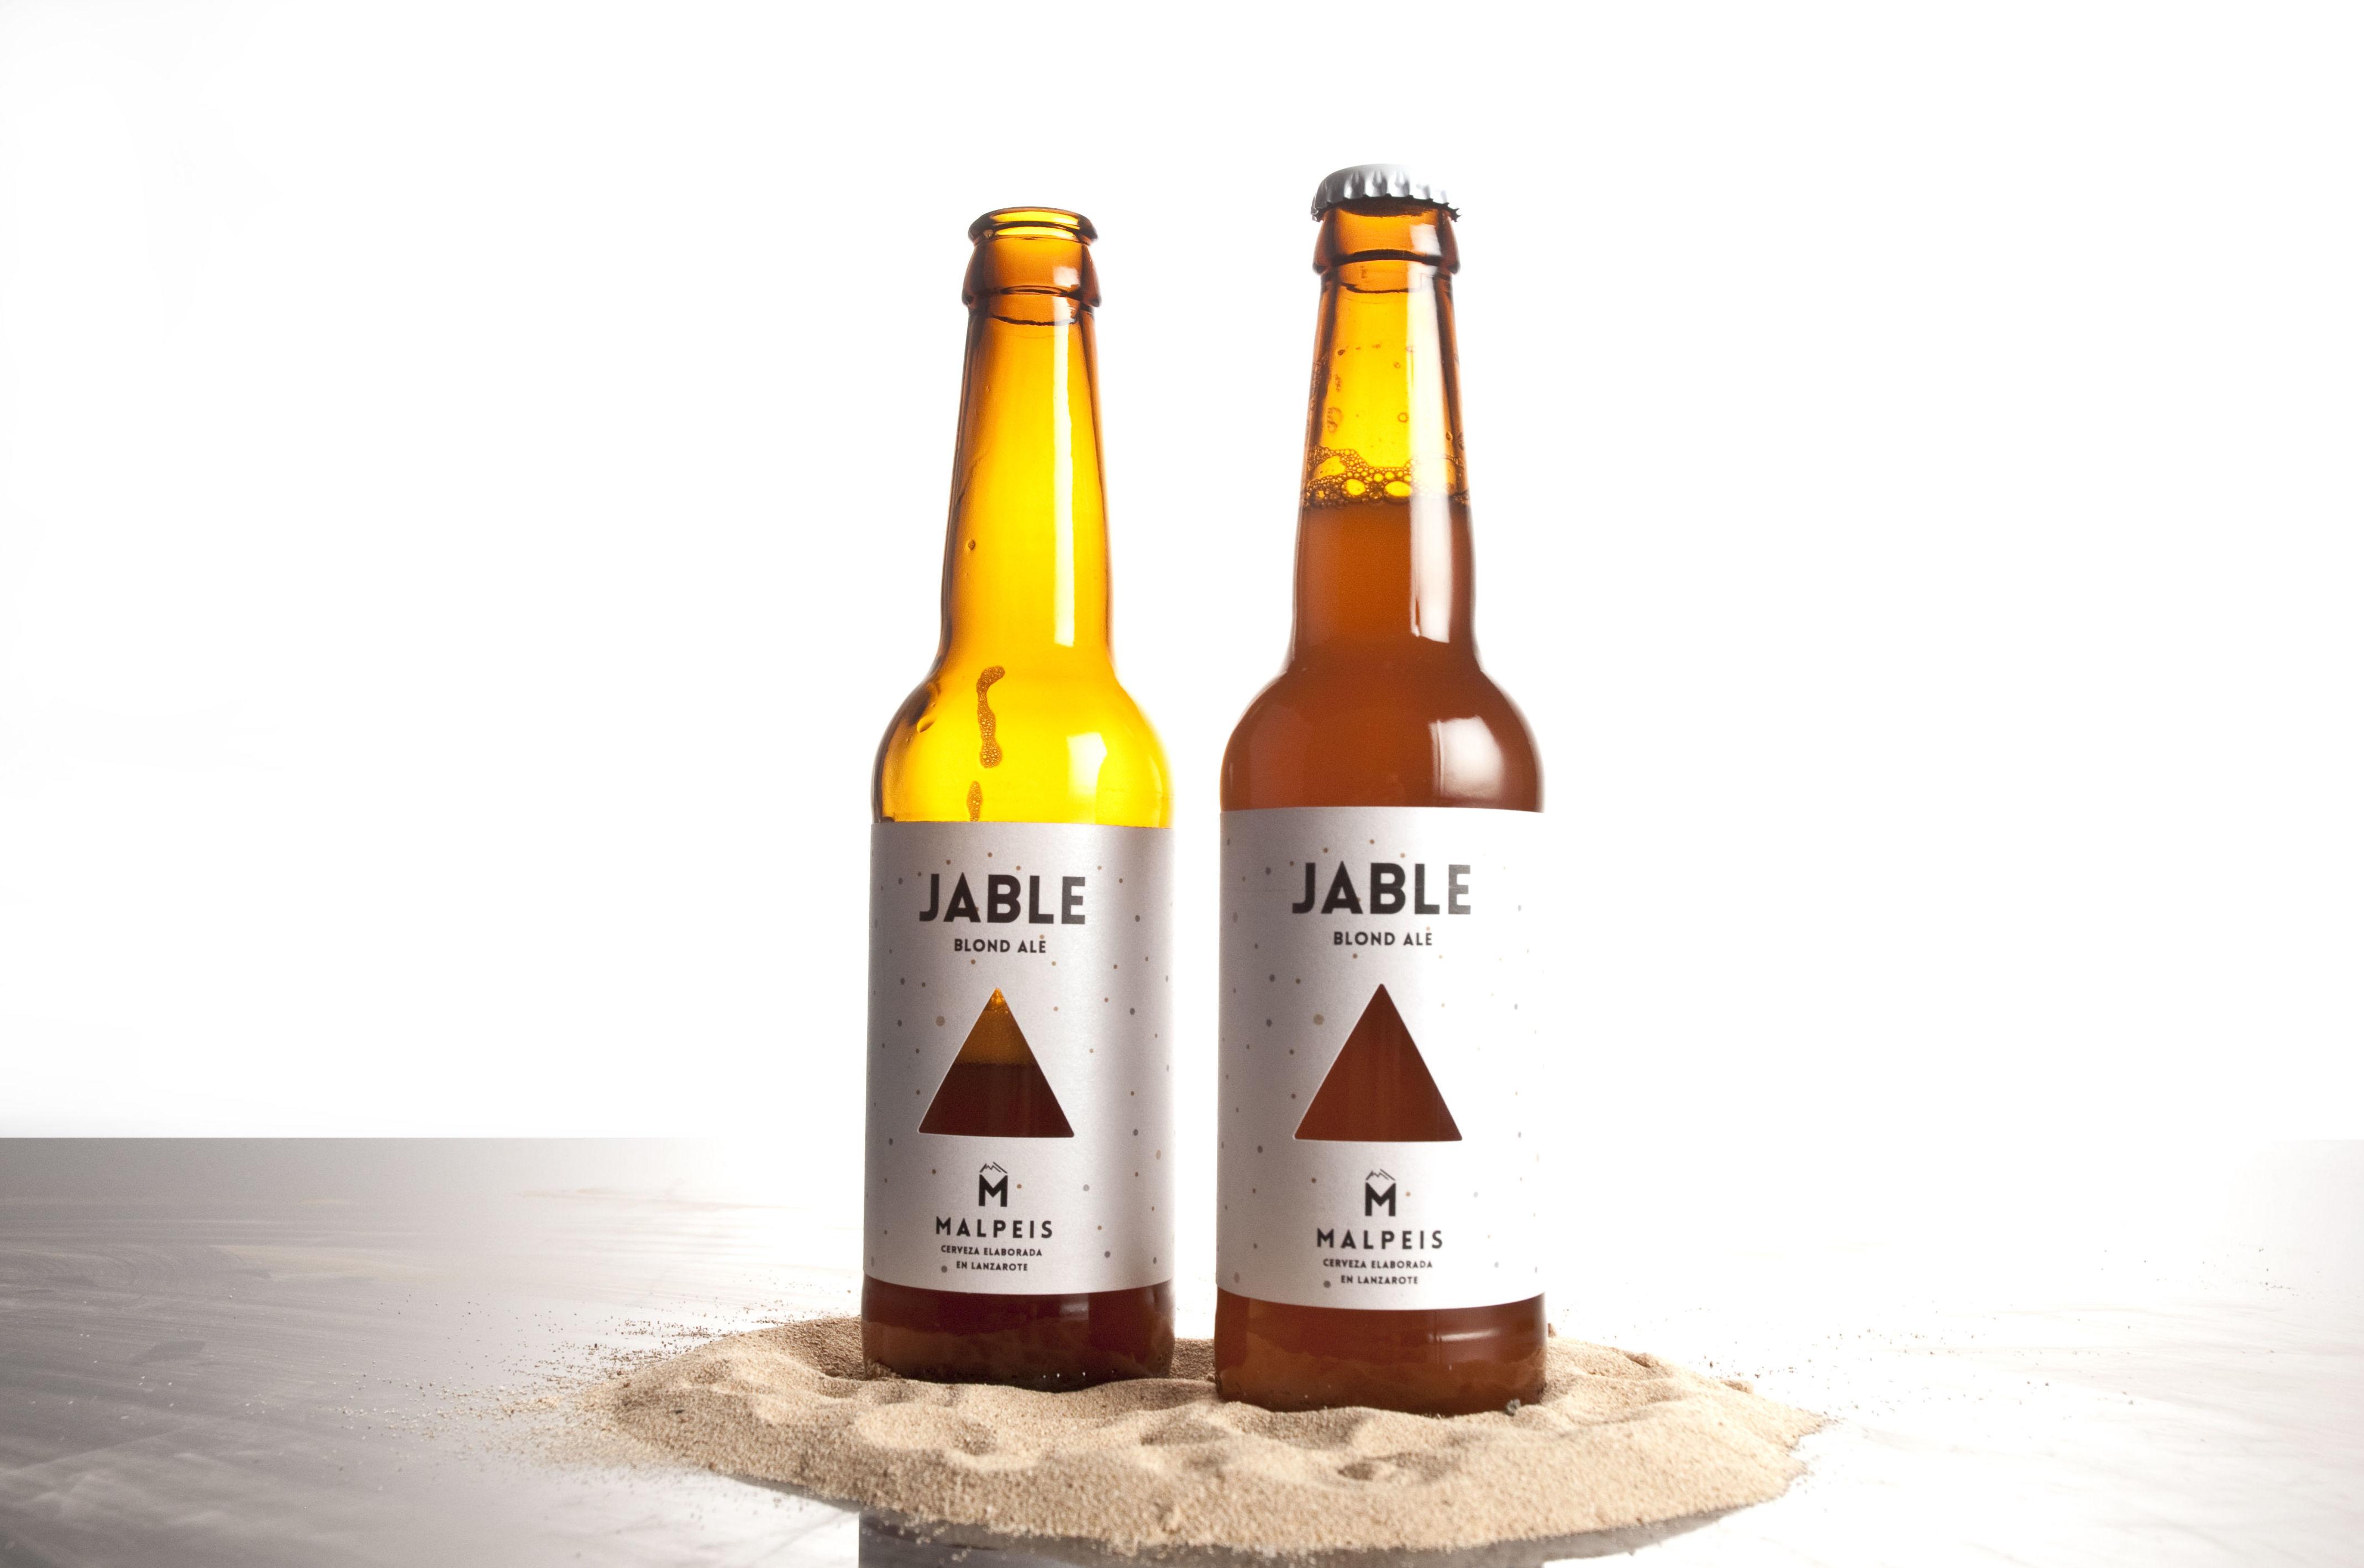 Malpeis Jable: Productos de Cervezas Malpeis